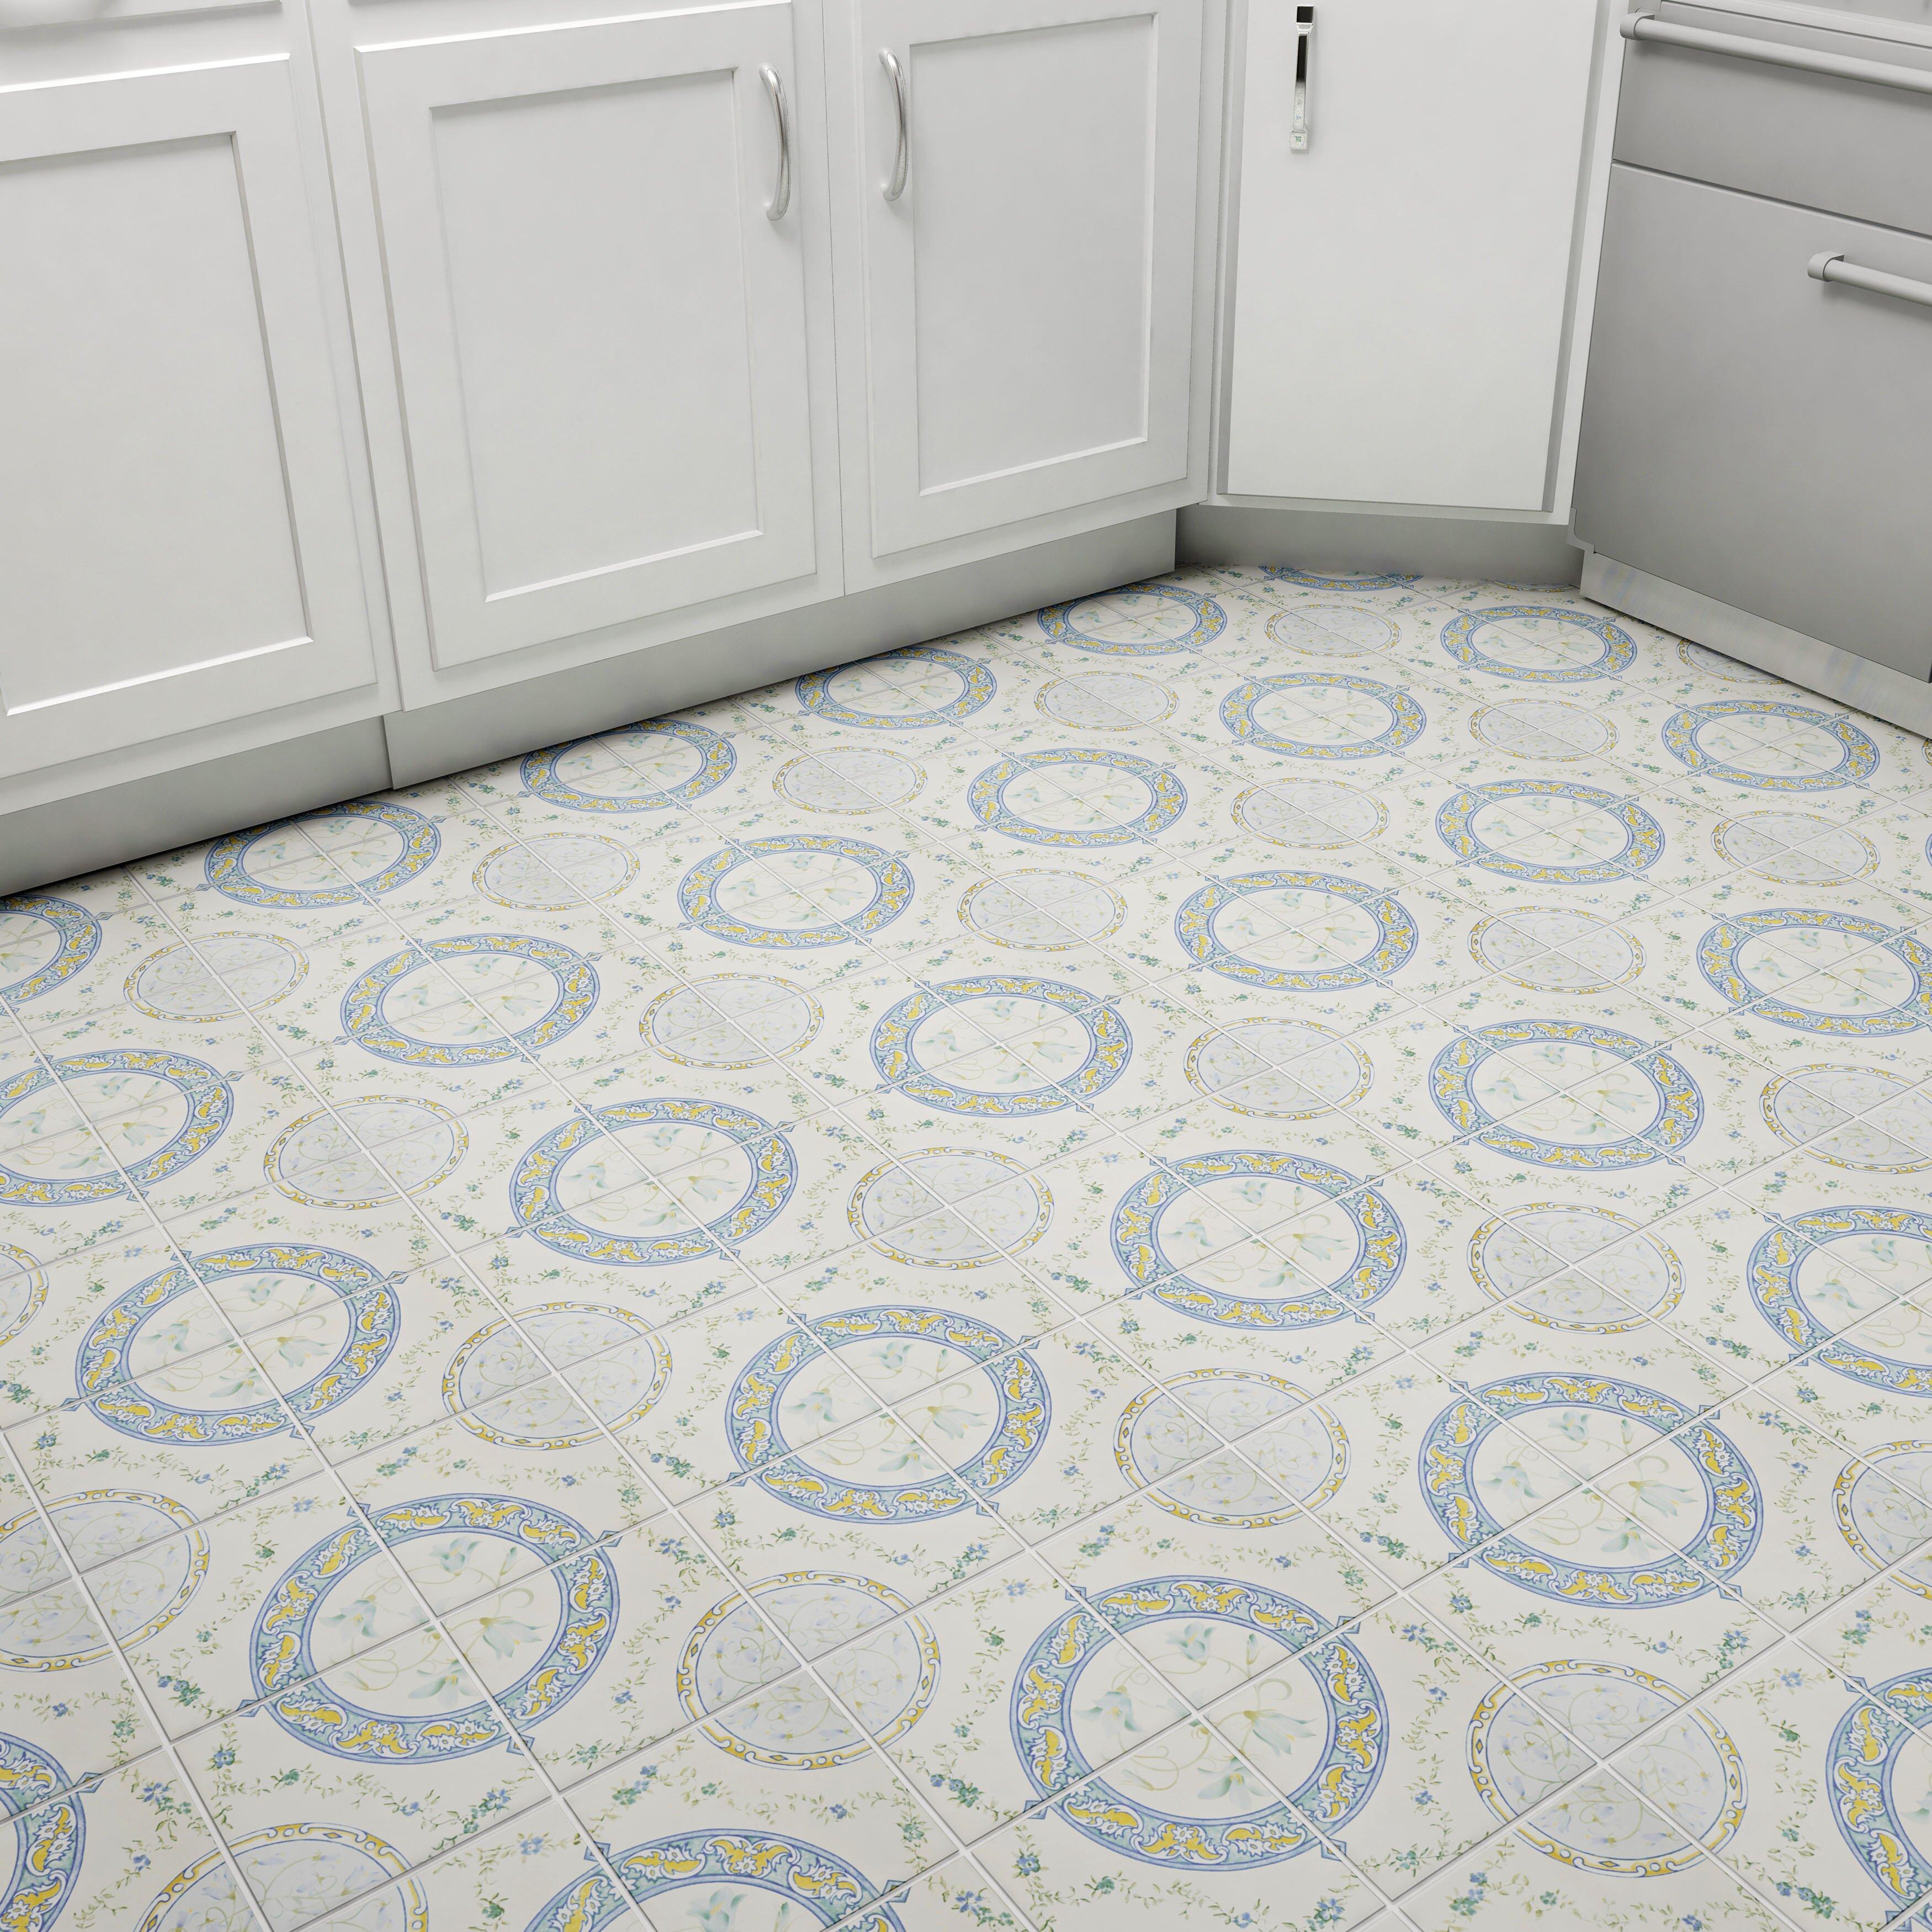 Elitetile tudor 13 x 13 ceramic field tile in rian for 13 inch ceramic floor tile